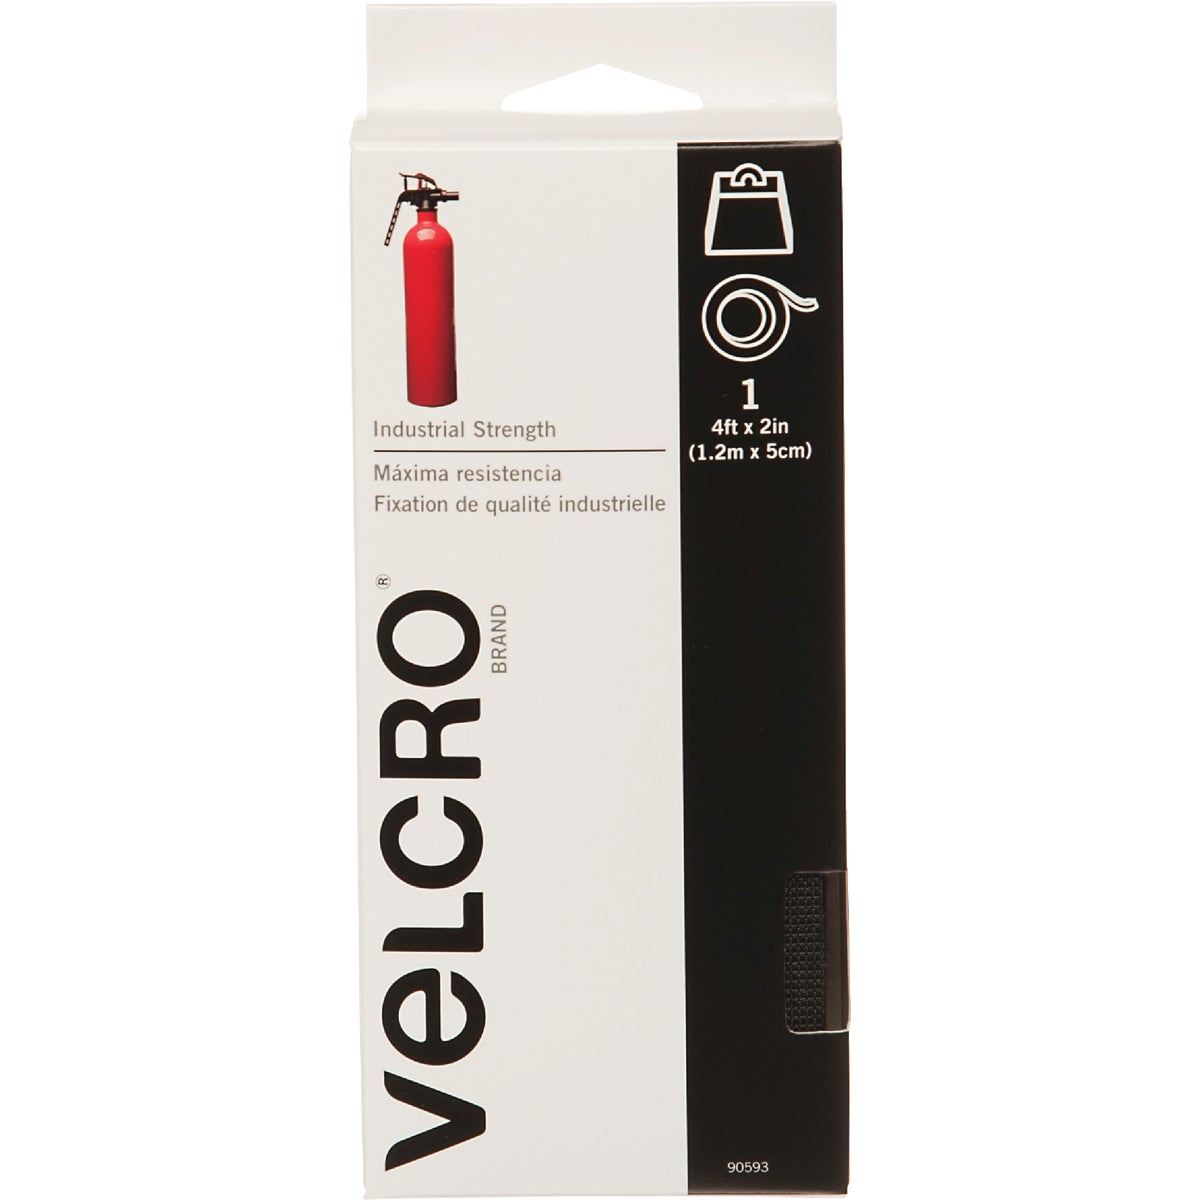 VELCRO Brand 2 In. x 4 Ft. Black Industrial Strength Hook & Loop Roll